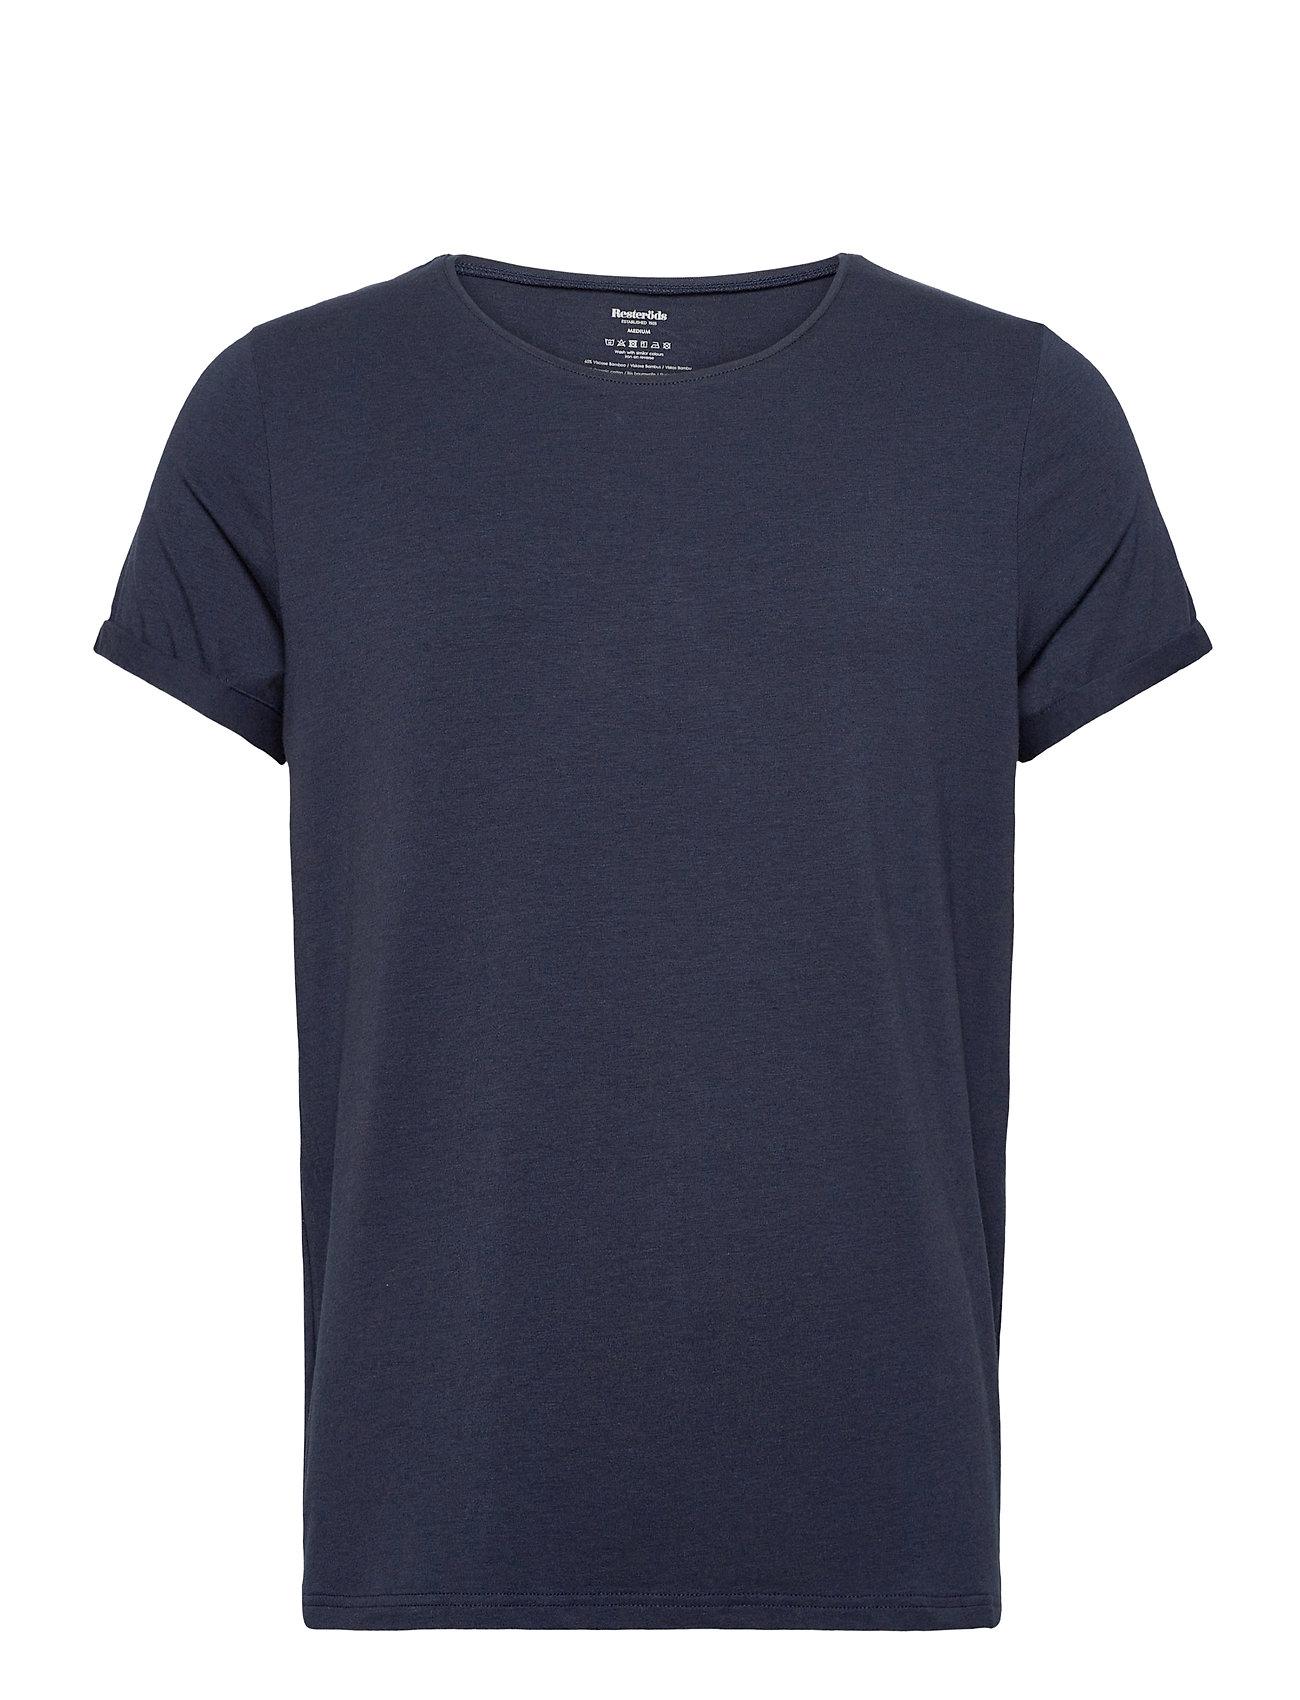 Image of Bamboo Jimmy Tee T-shirt Blå Resteröds (3455507623)